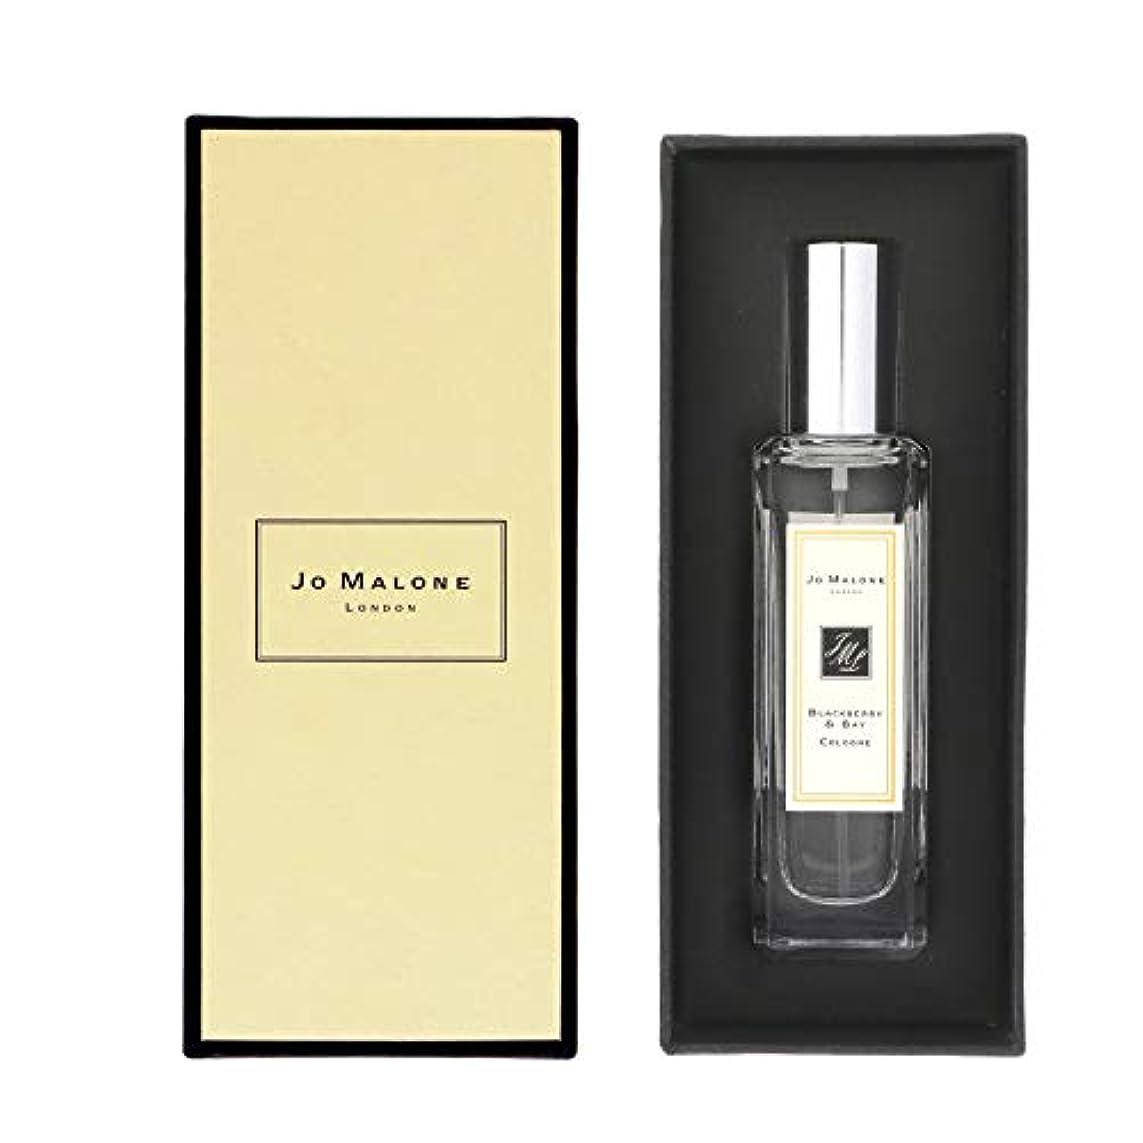 おじさんネズミペルソナJO MALONE LONDON(ジョー マローン ロンドン) ジョー マローン ブラックベリー&ベイ オーデコロン 30mL(並行輸入品)